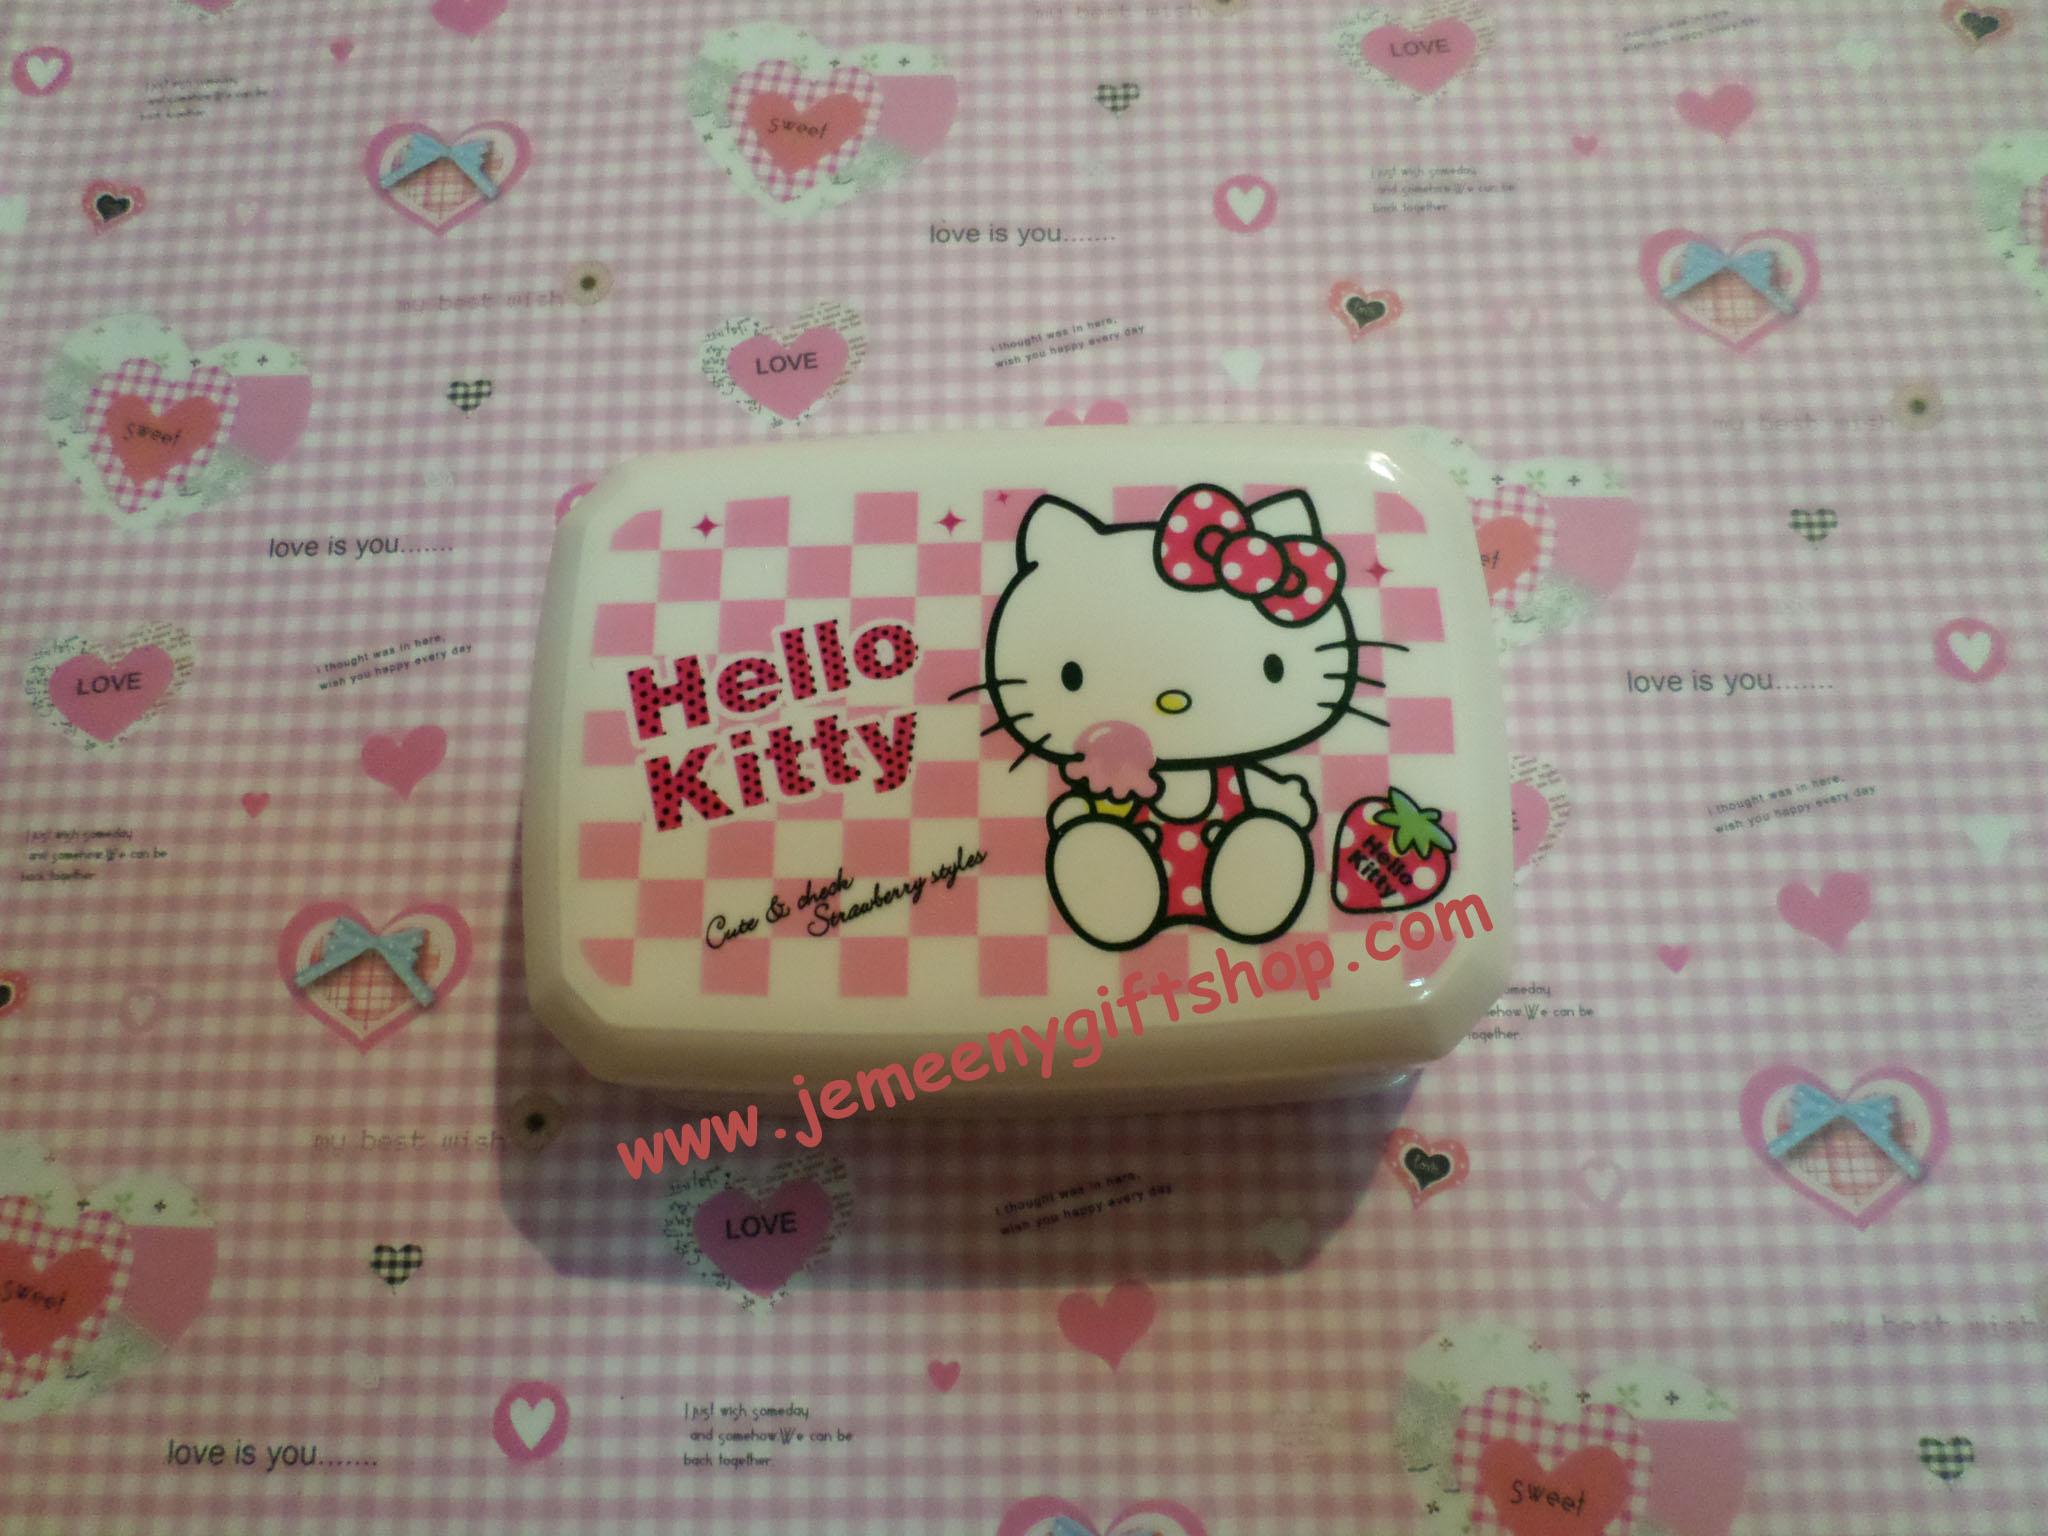 กล่องวางสบู่ในห้องน้ำ ฮัลโหลคิตตี้ Hello kitty ขนาด * ซม. ลายคิตตี้โบว์ชมพูสตรอเบอรี่ วางสบู่ก้อนใหญ่ได้หนึ่งก้อน